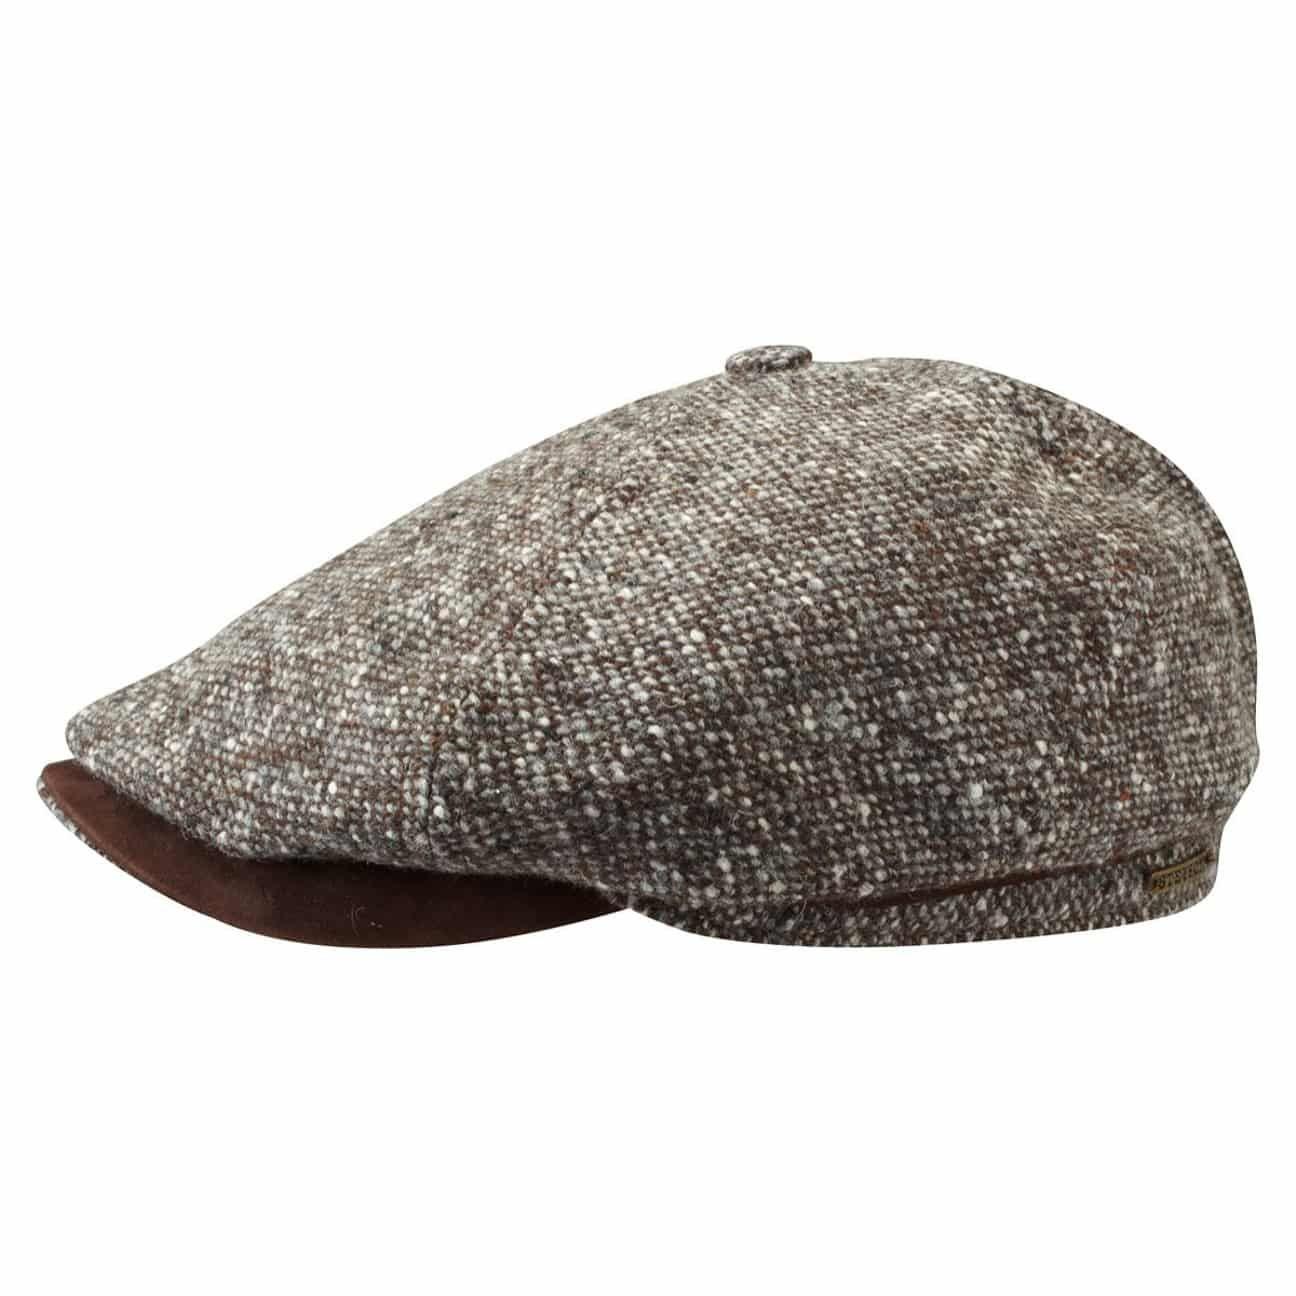 Brooklin Virgin Wool Flat Cap brown